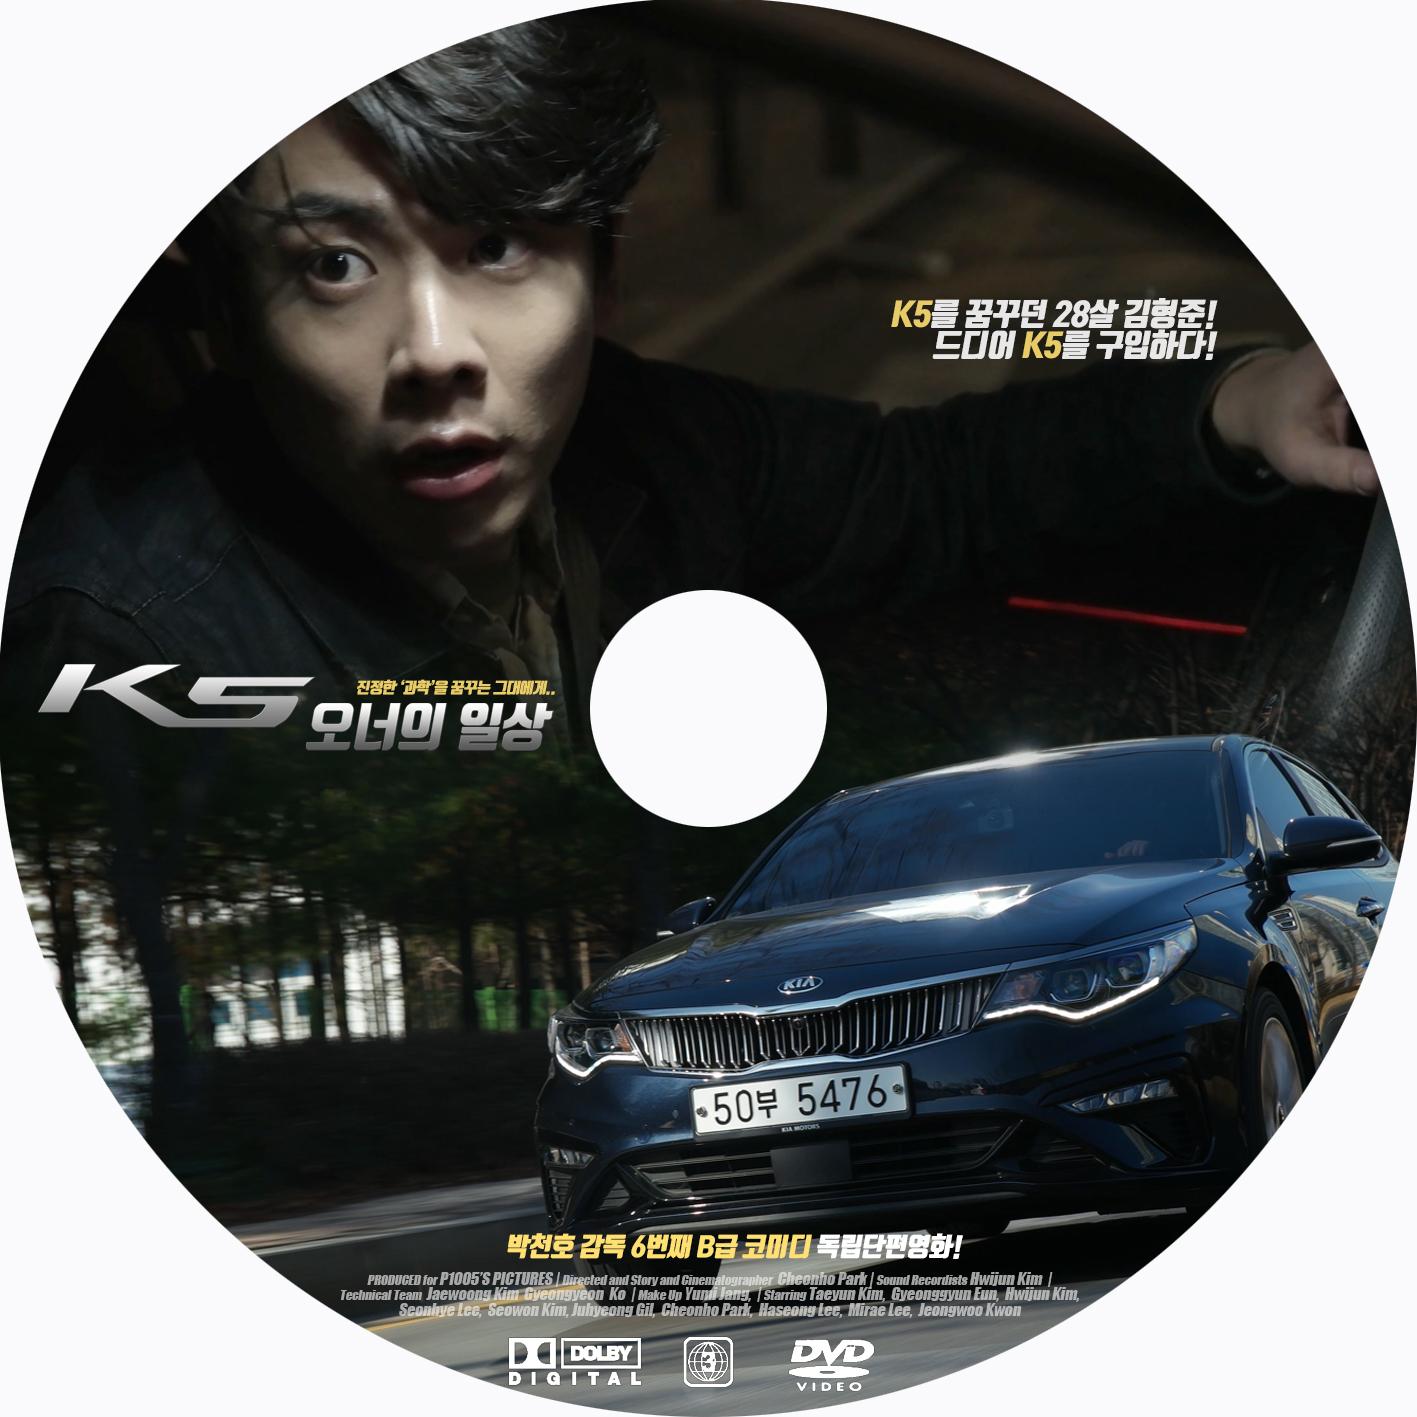 K5오너의 일상 CD LABLE